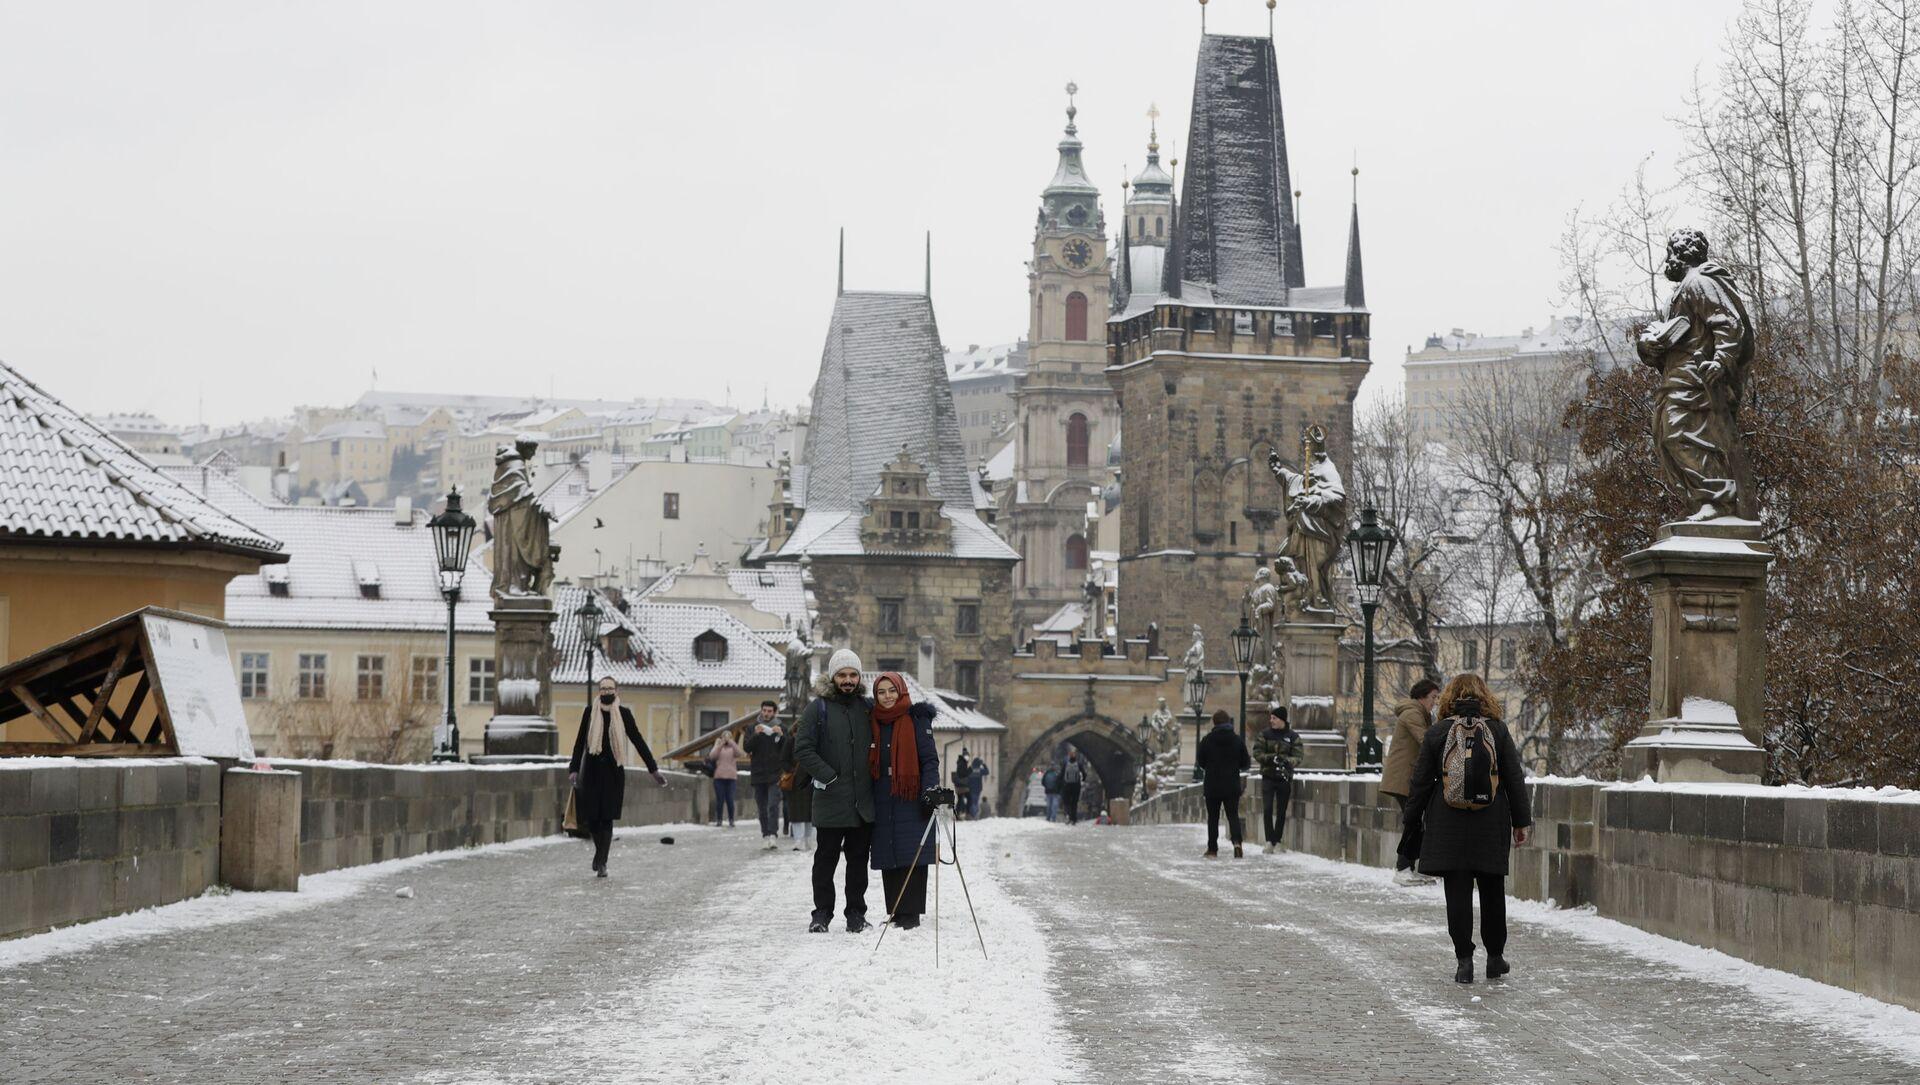 Předvánoční Praha v době koronaviru - Sputnik Česká republika, 1920, 04.02.2021